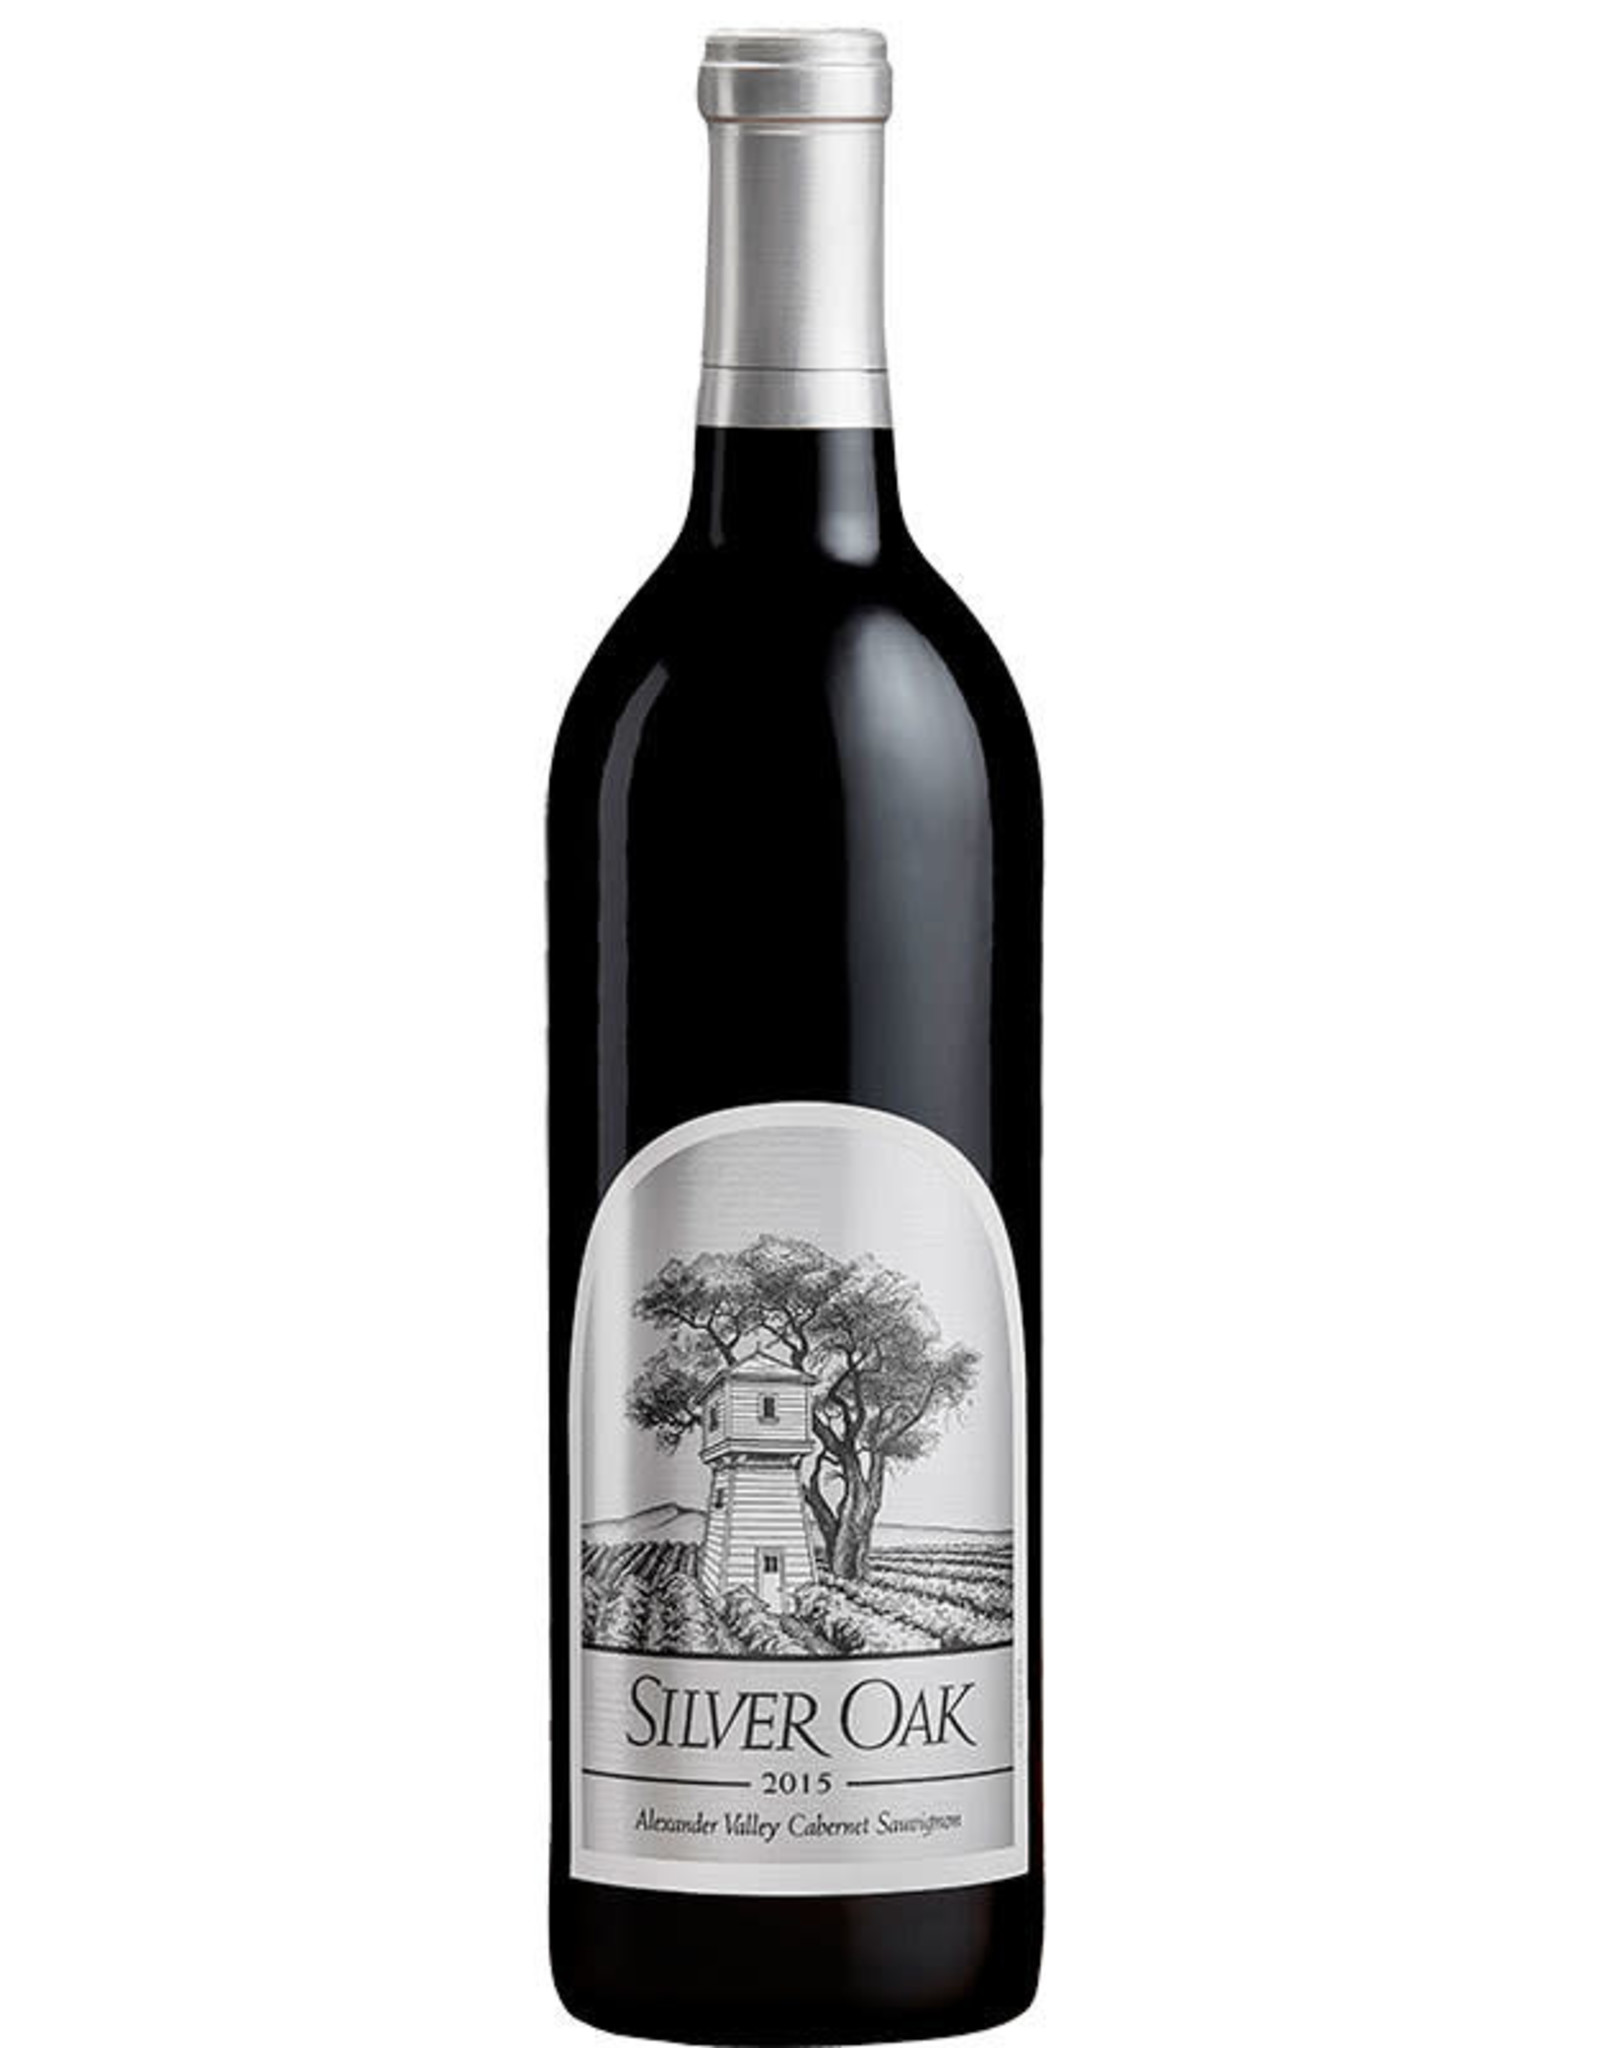 Silver Oak, Alexander Valley Cabernet Sauvignon 2014